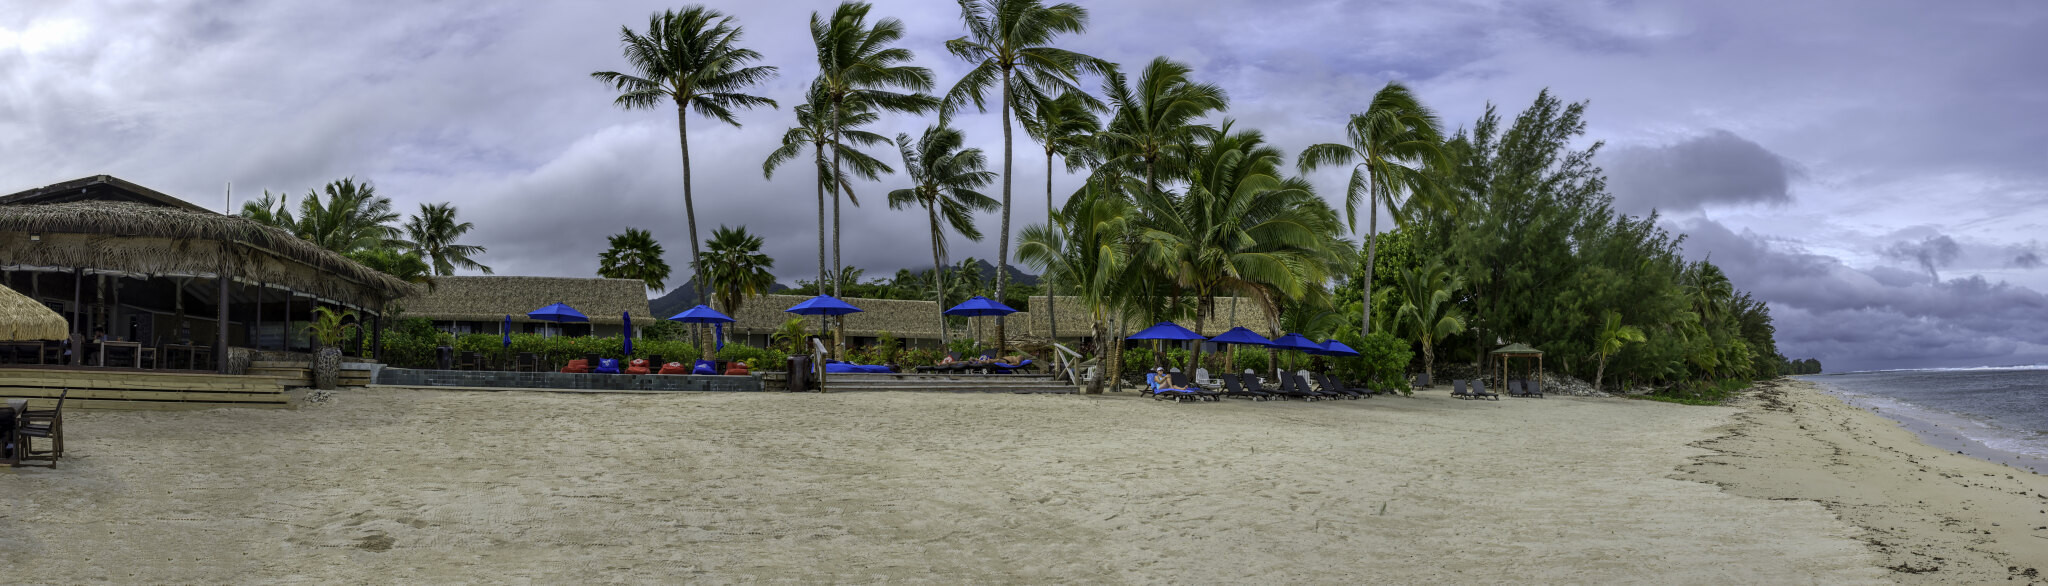 E51RMP Manuia beach resort, Rarotonga Island, Cook Islands